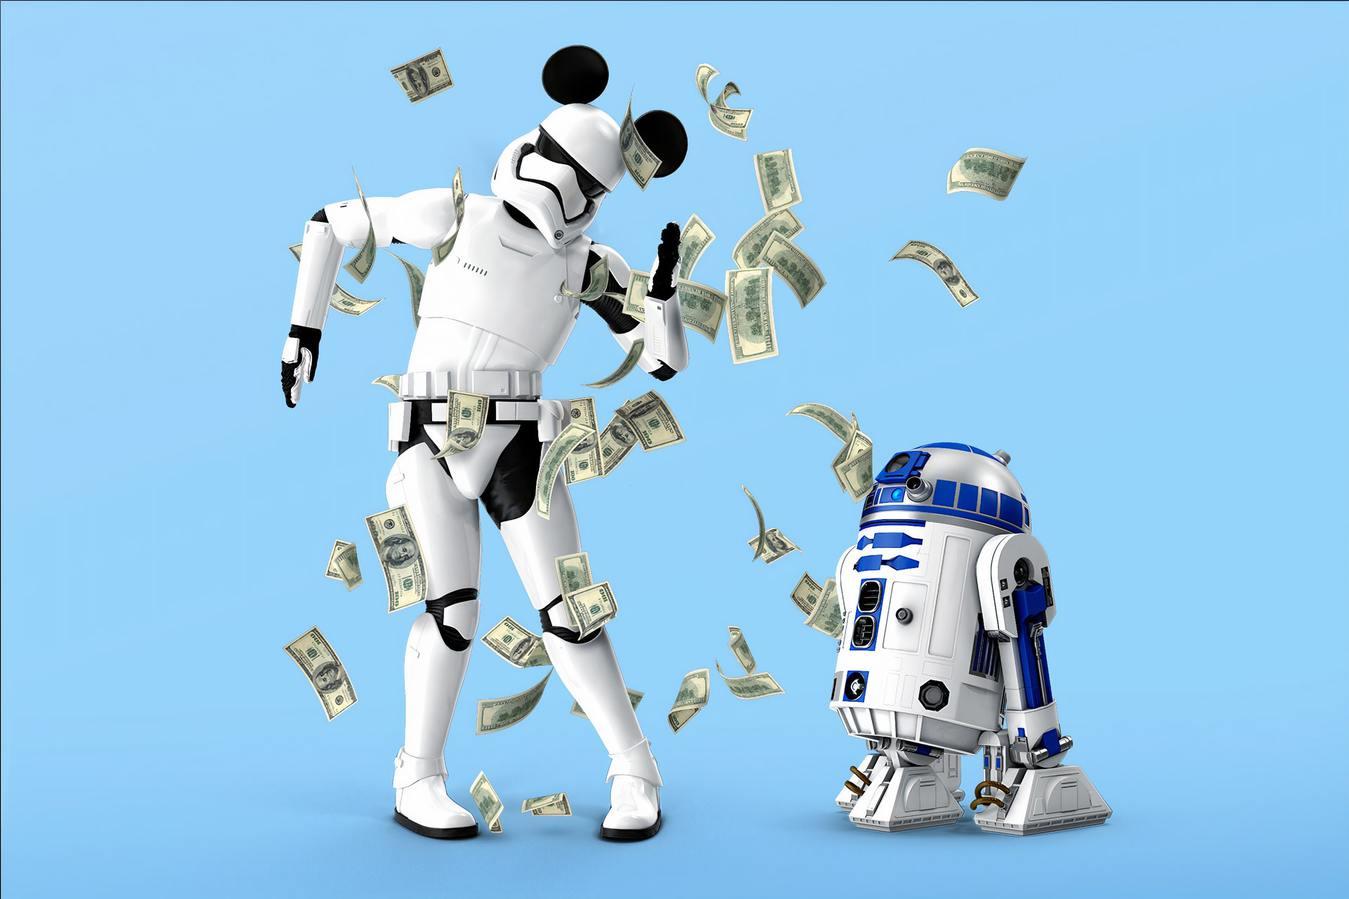 Robô Dançando - Dinheiro Caindo em Cima Dele